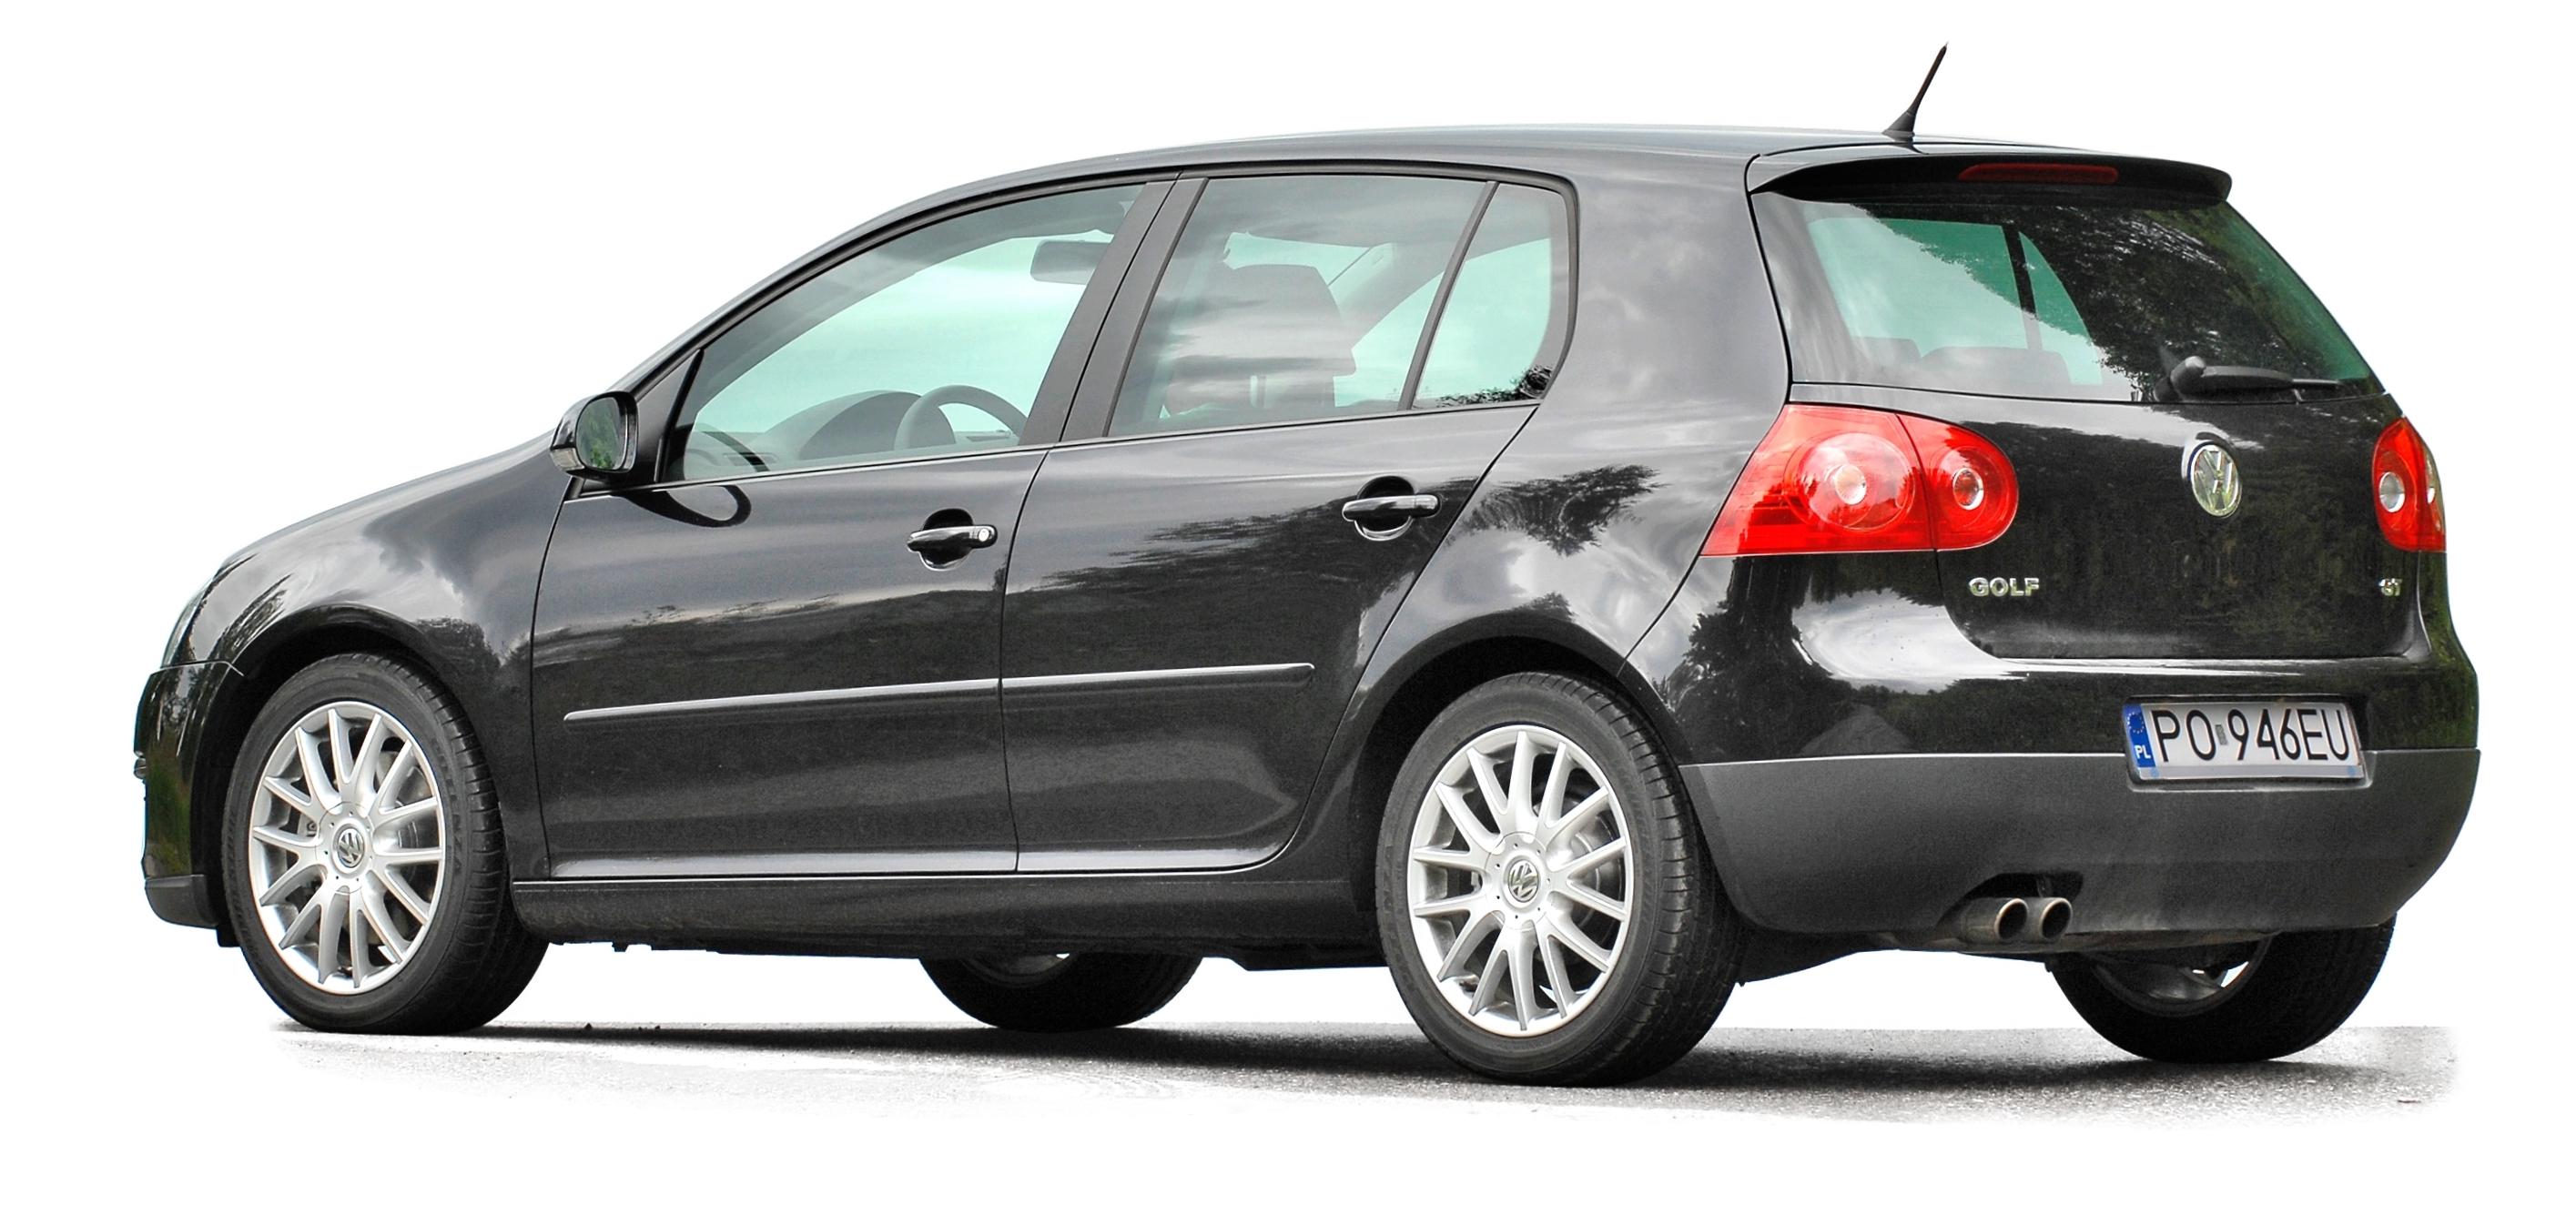 Volkswagen-Golf-V_2